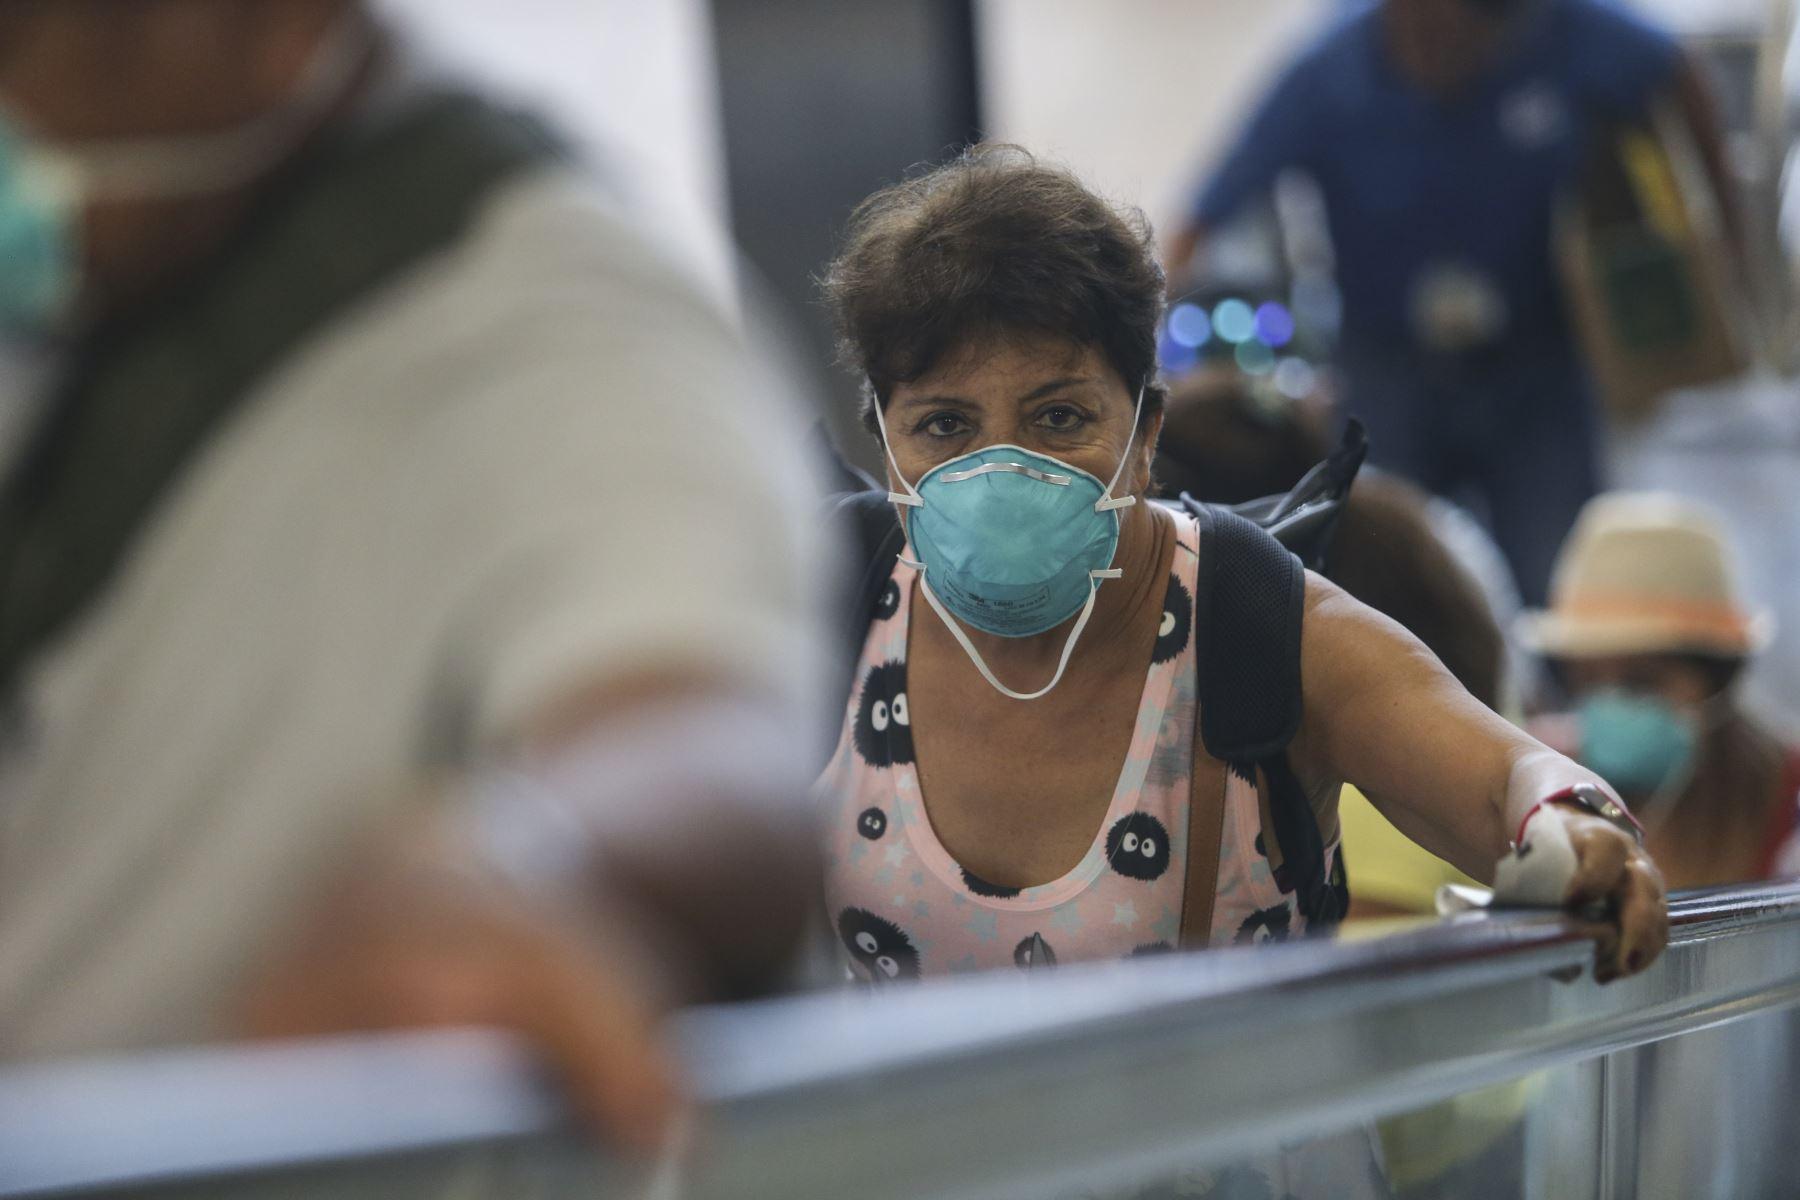 """""""Es hora de poner paños fríos al pánico"""" por el coronavirus y más bien aprovechar esta alarma para educar a la población sobre la necesidad de vacunarse, principalmente contra la influenza y la neumonía"""", dicen expertos. ANDINA/Jhonel Rodríguez Robles"""